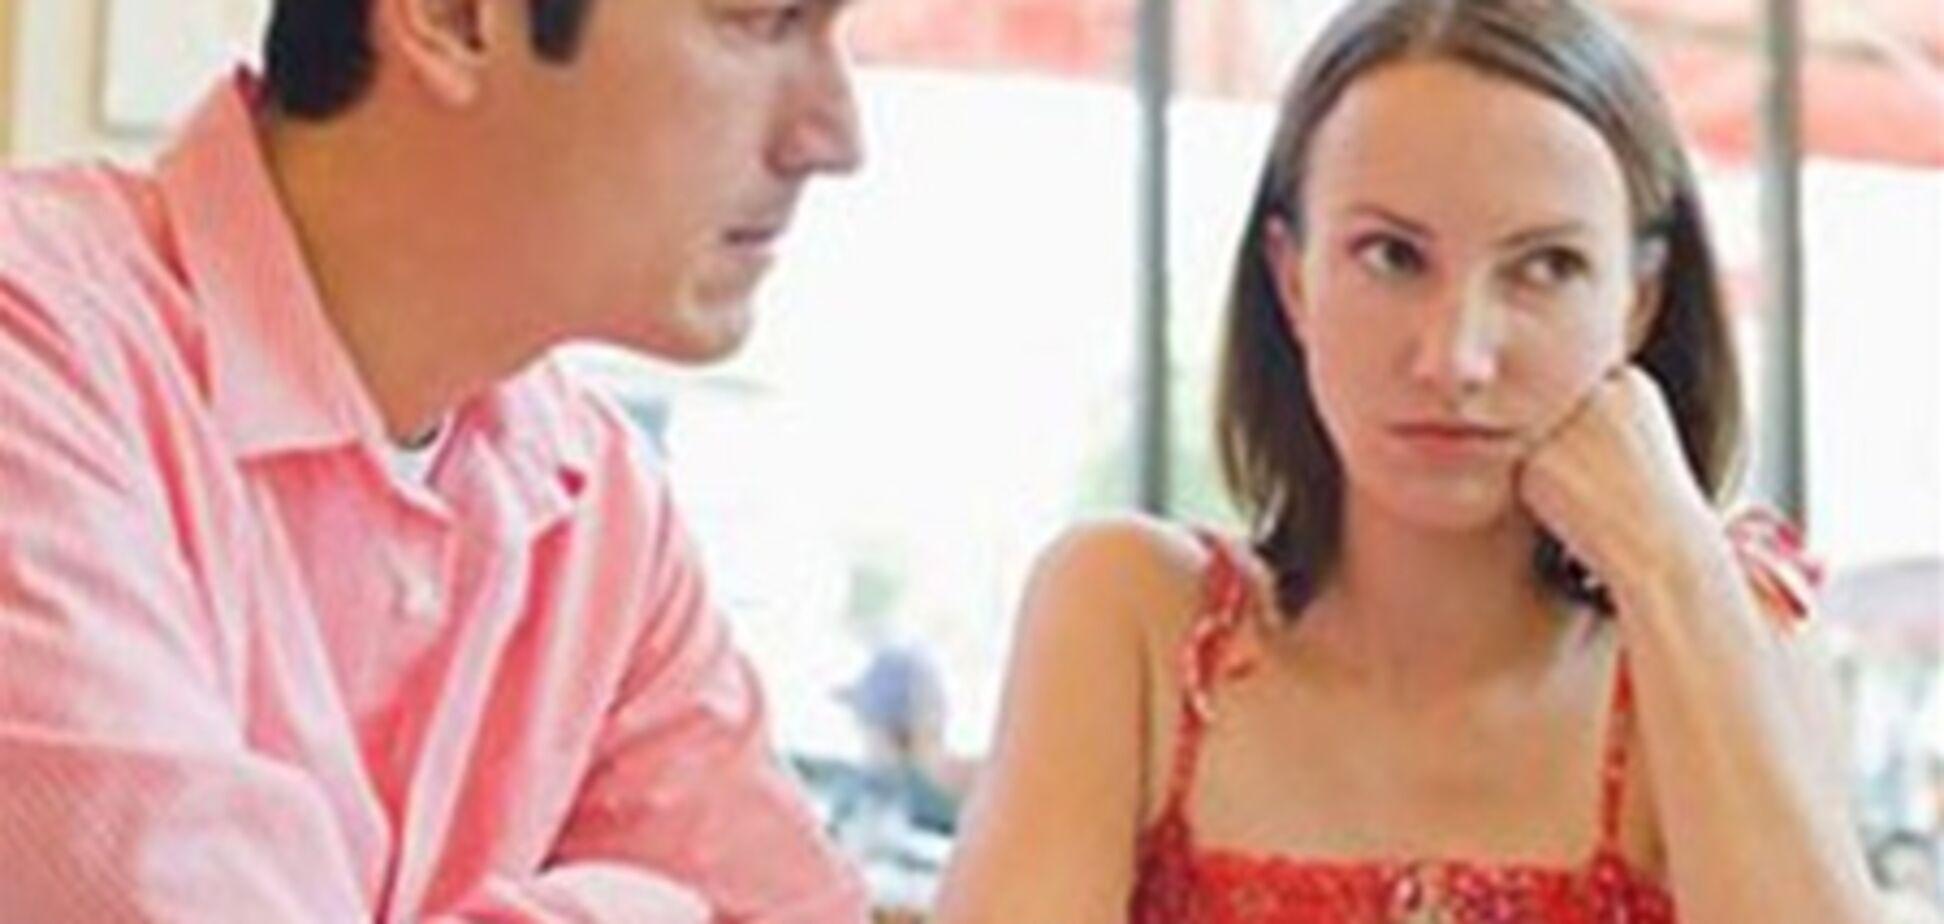 Девушки с комплексами видят лишь мужские недостатки